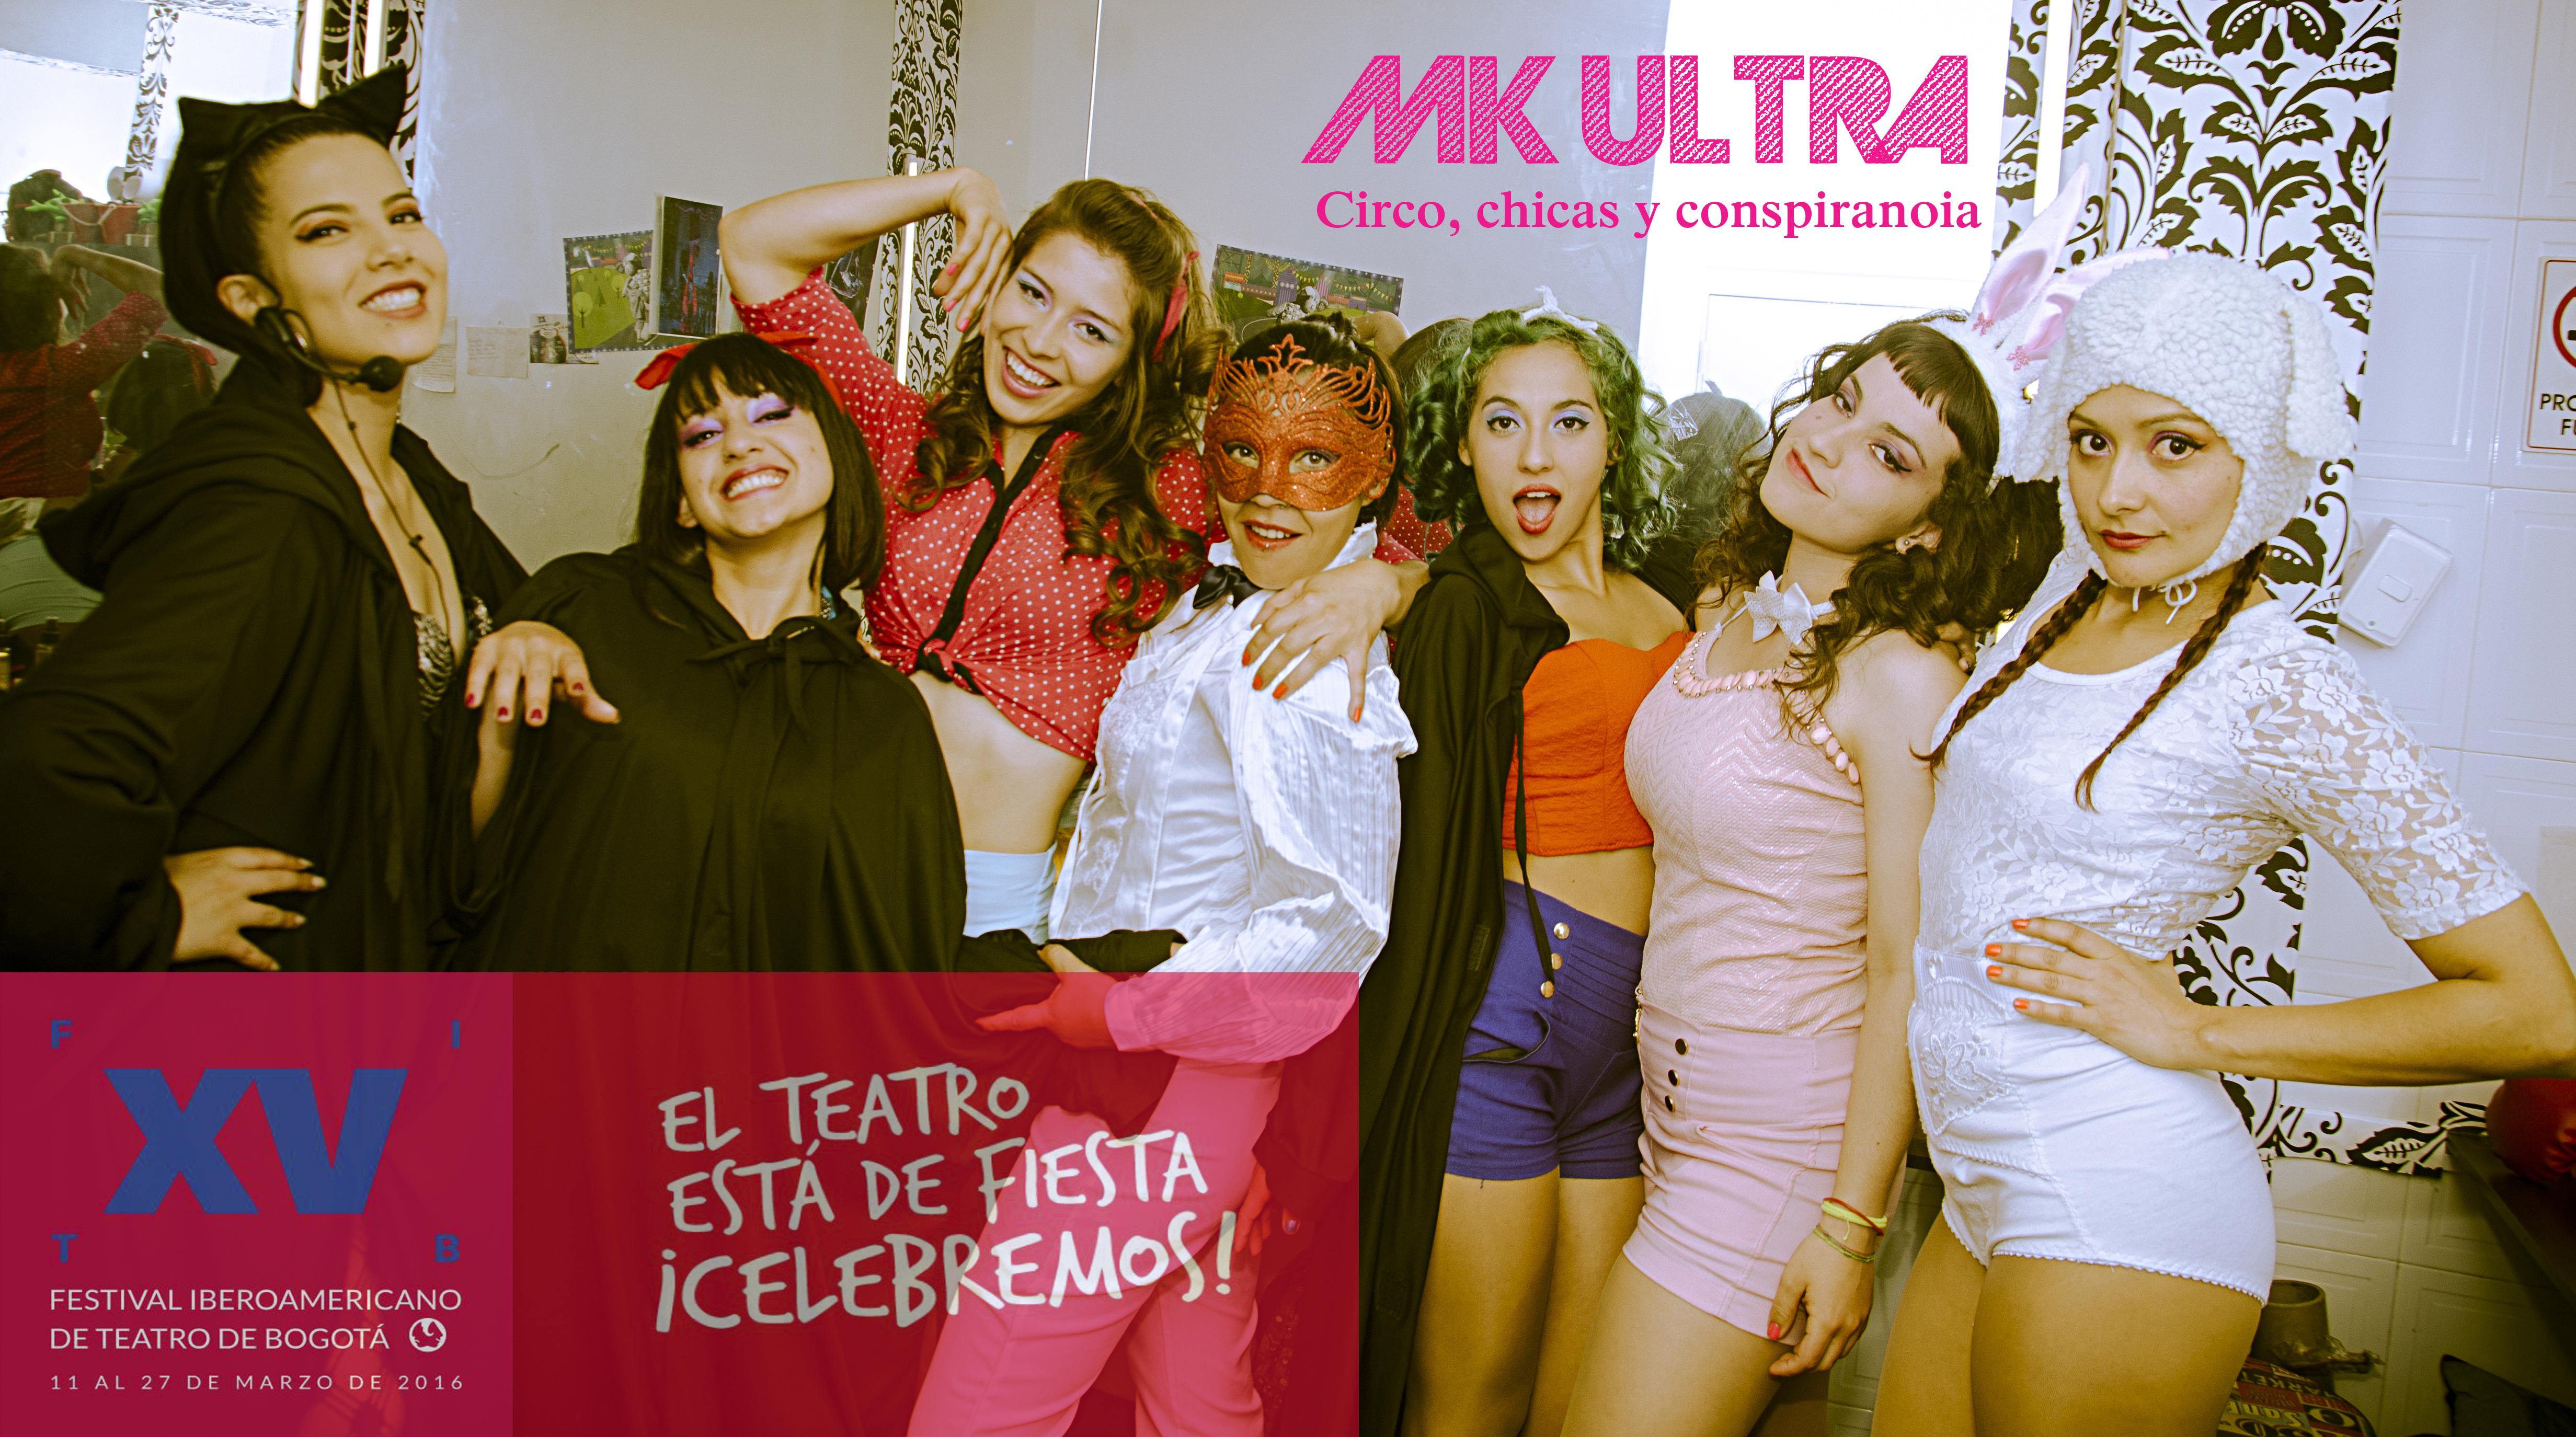 Mk Ultra (2015)